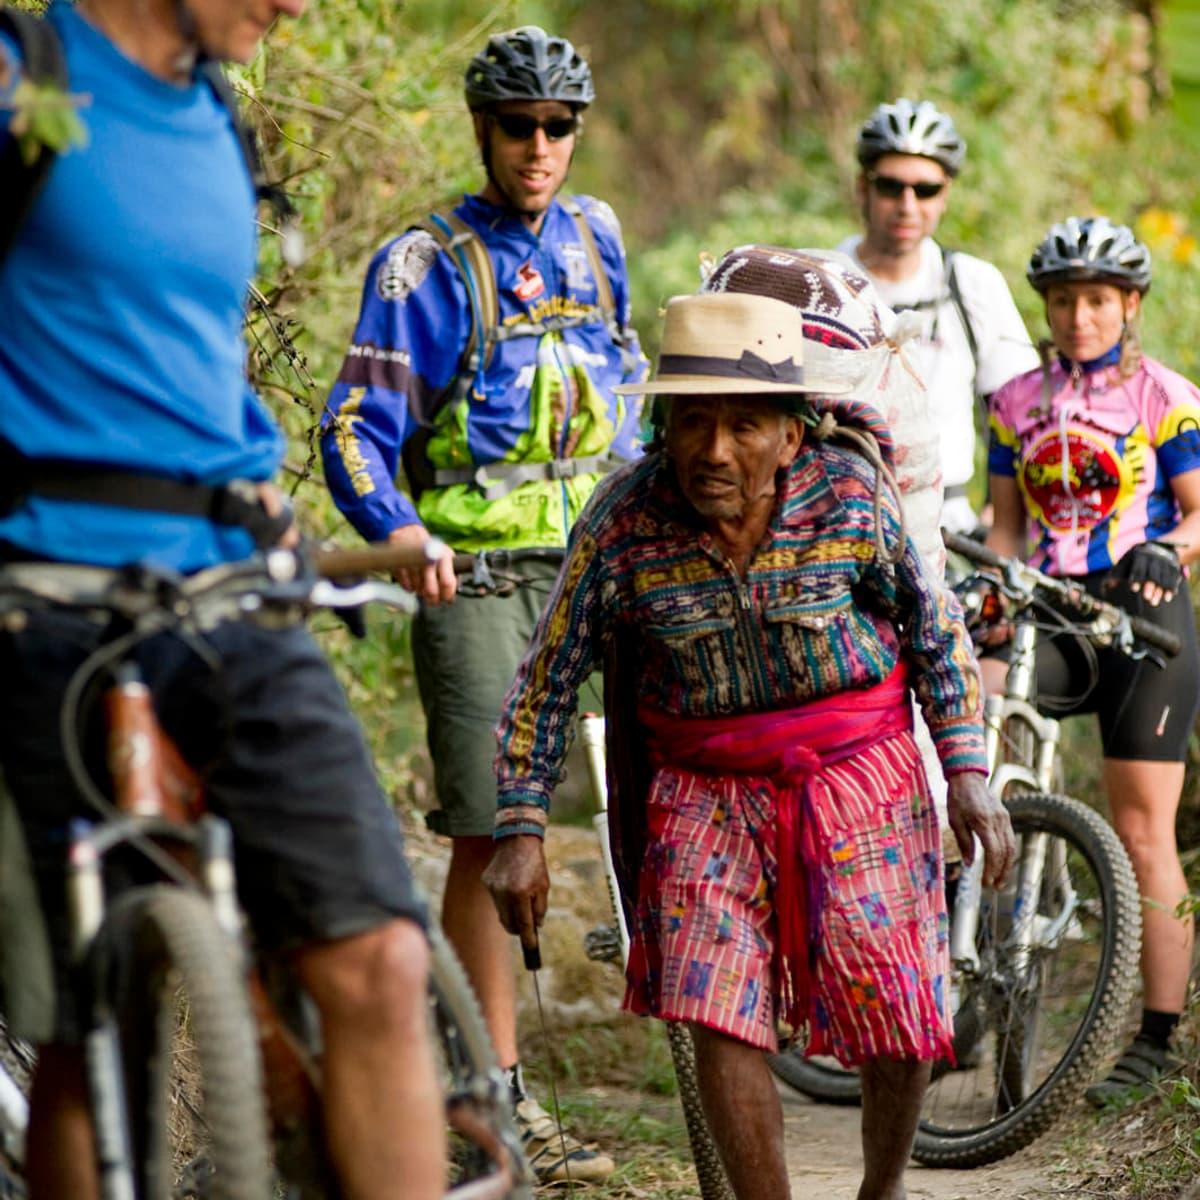 MTB Mayan Man Trail